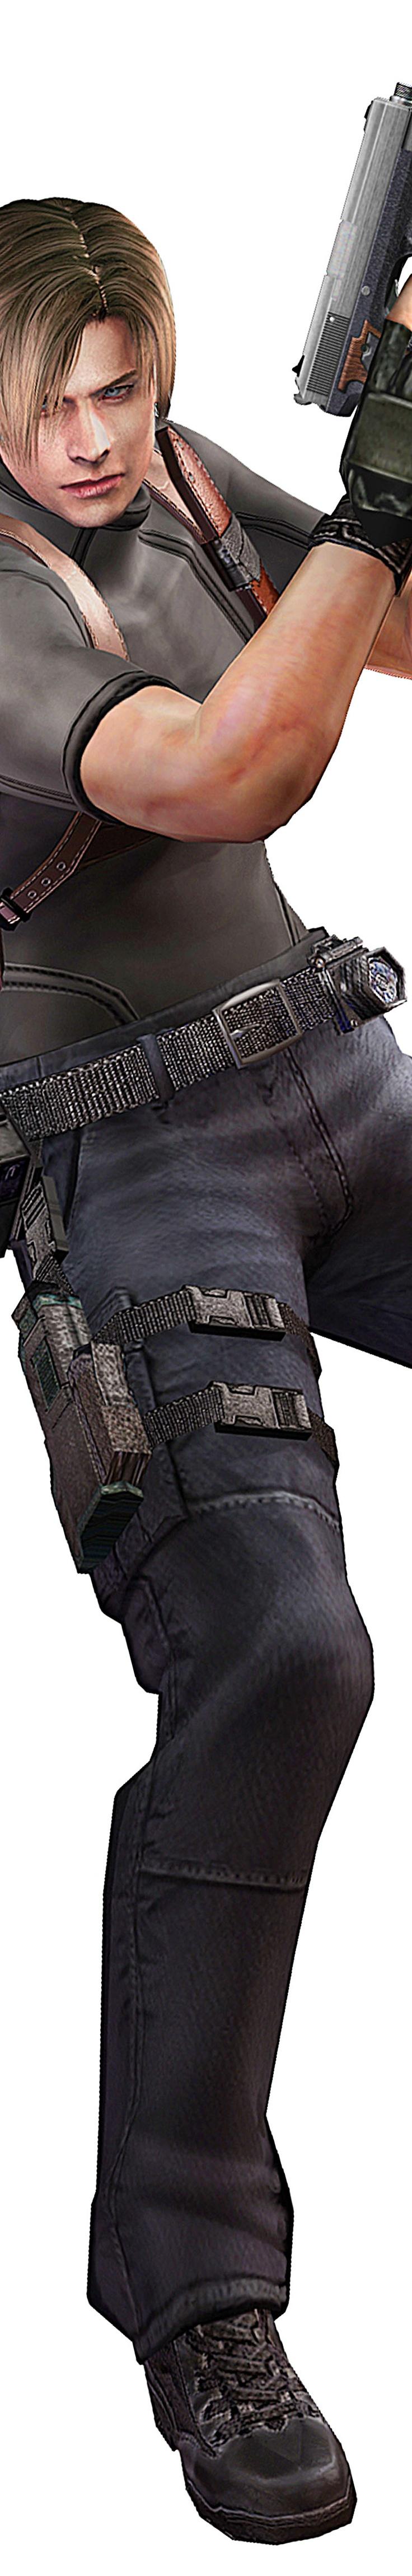 Resident Evil 4 - Leon Scott Kennedy